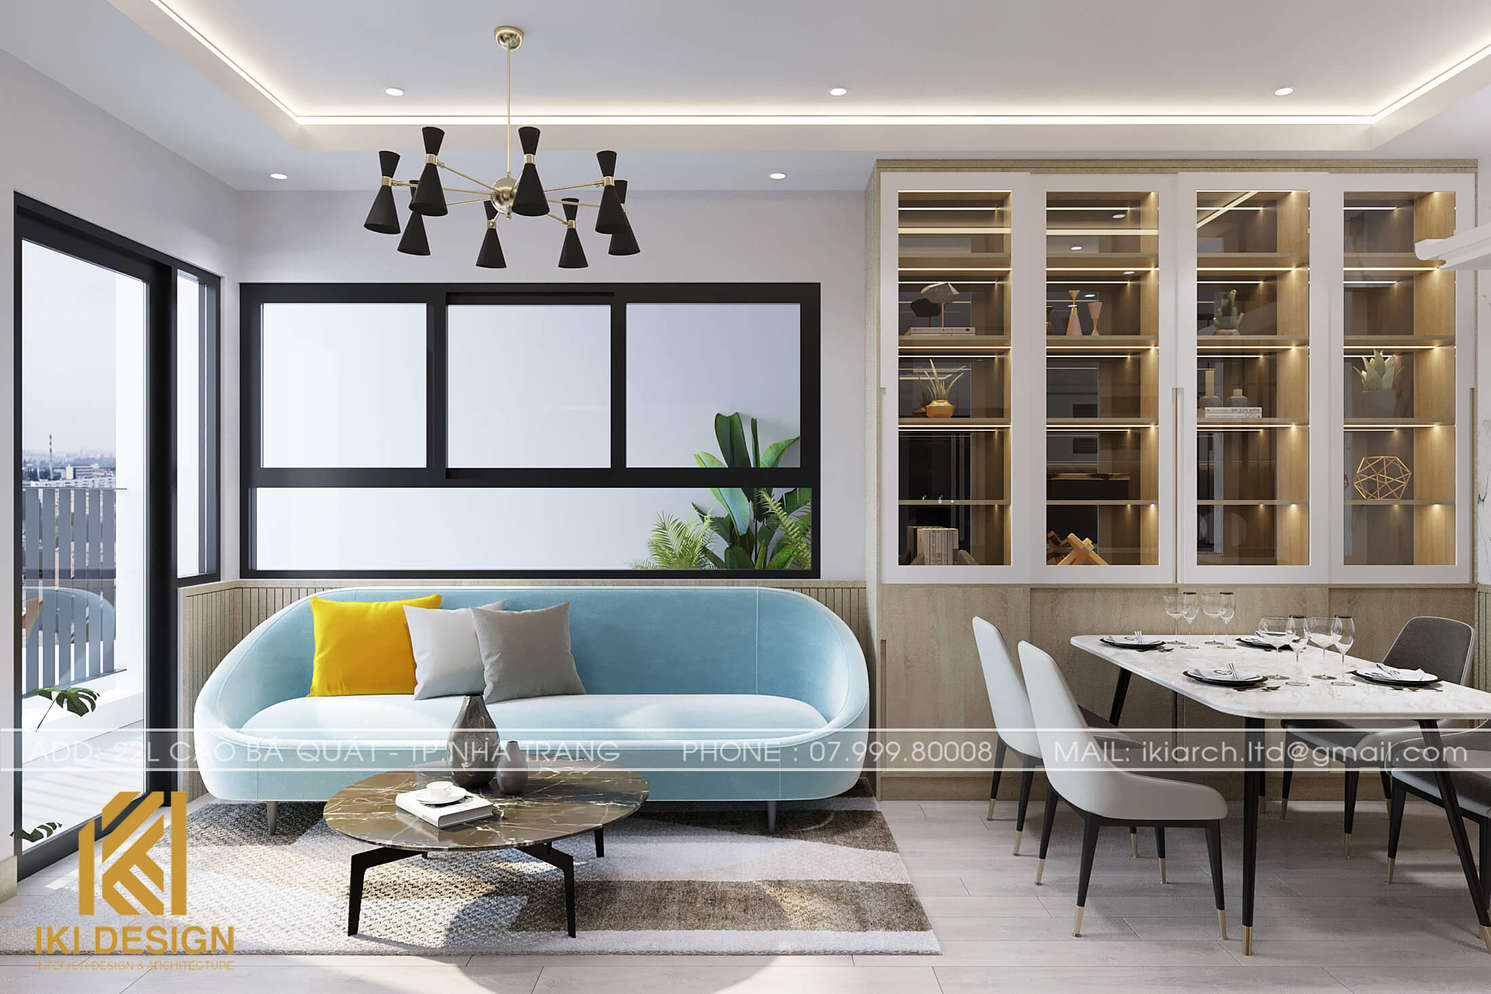 Thiết kế nội thất căn hộ CT4 Nha Trang 80m2 - IKI200074